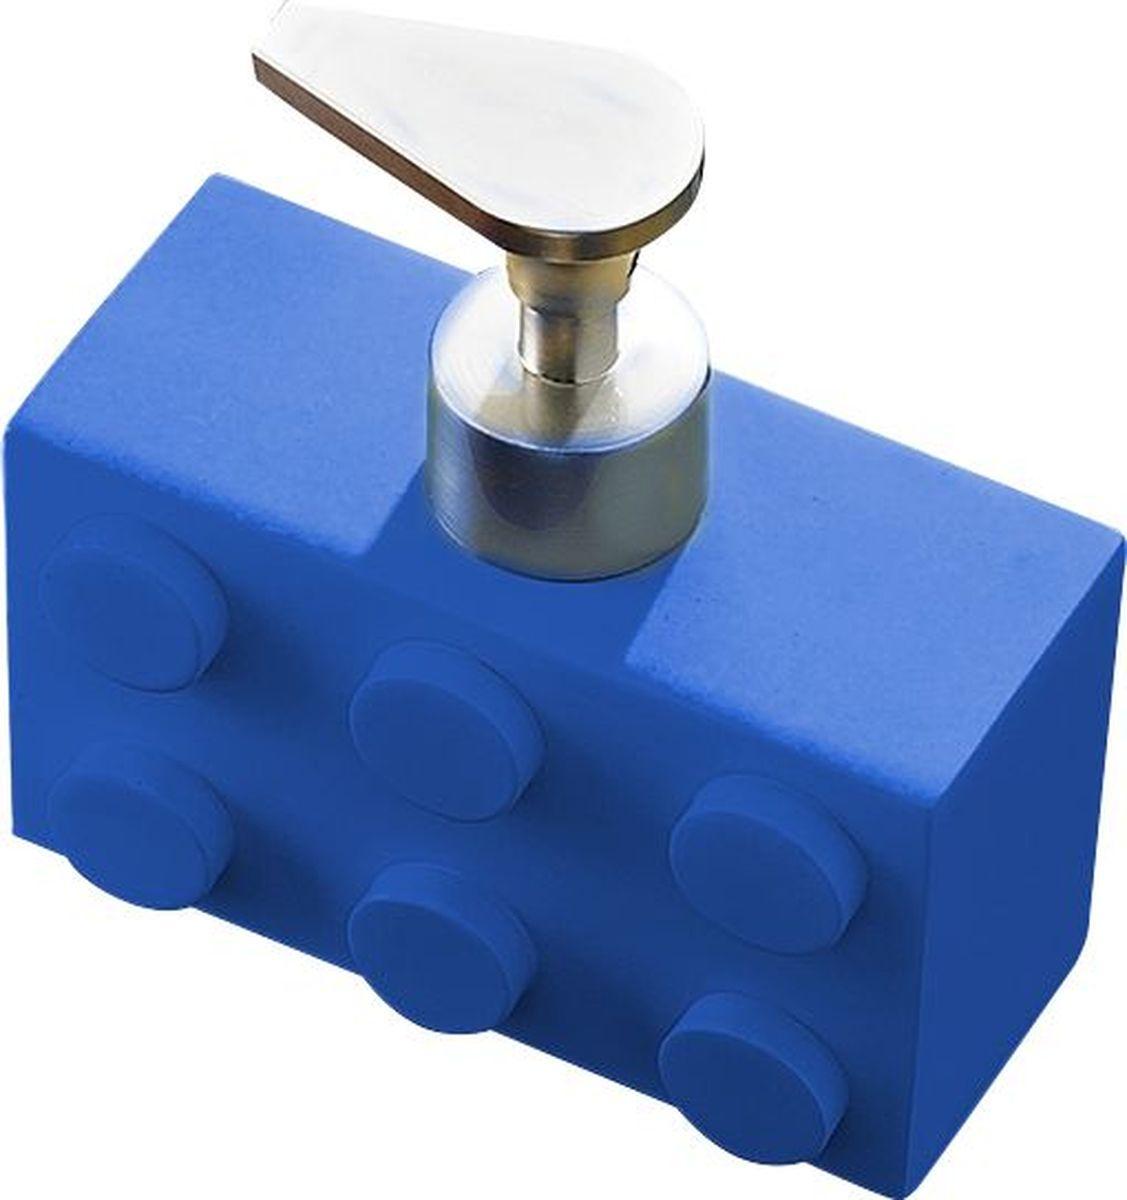 Дозатор для жидкого мыла Ridder Bob, цвет: синий, 280 мл дозатор для жидкого мыла ridder elegance цвет черный